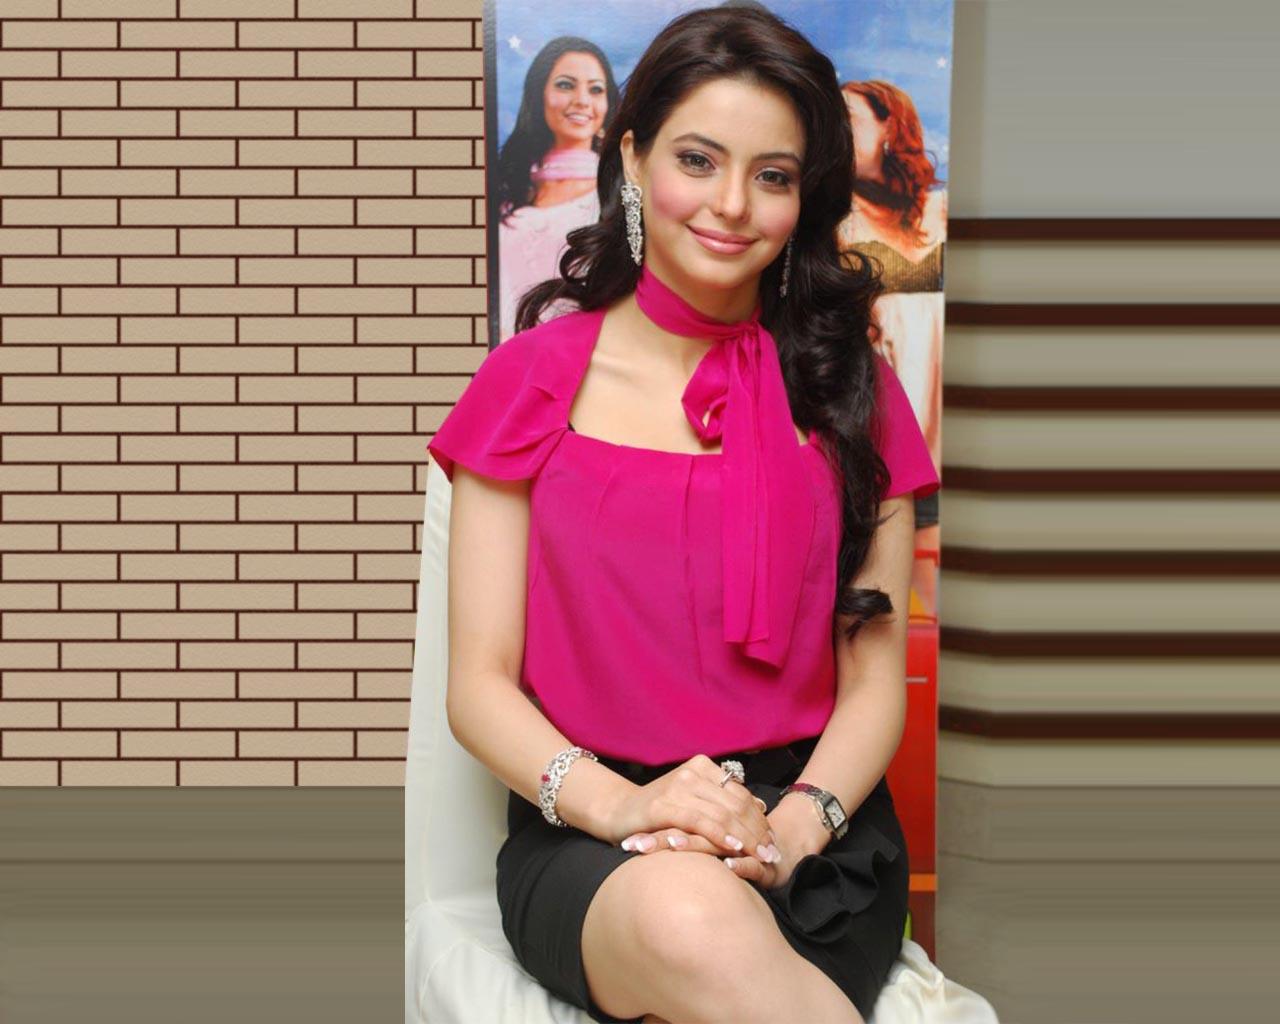 http://3.bp.blogspot.com/_TiCO8op_NpI/TJcrqGQ5p6I/AAAAAAAAXT0/-p8IvmVxTys/s1600/Amna+Sharif+Wallpapers.jpg+%2811%29.jpg